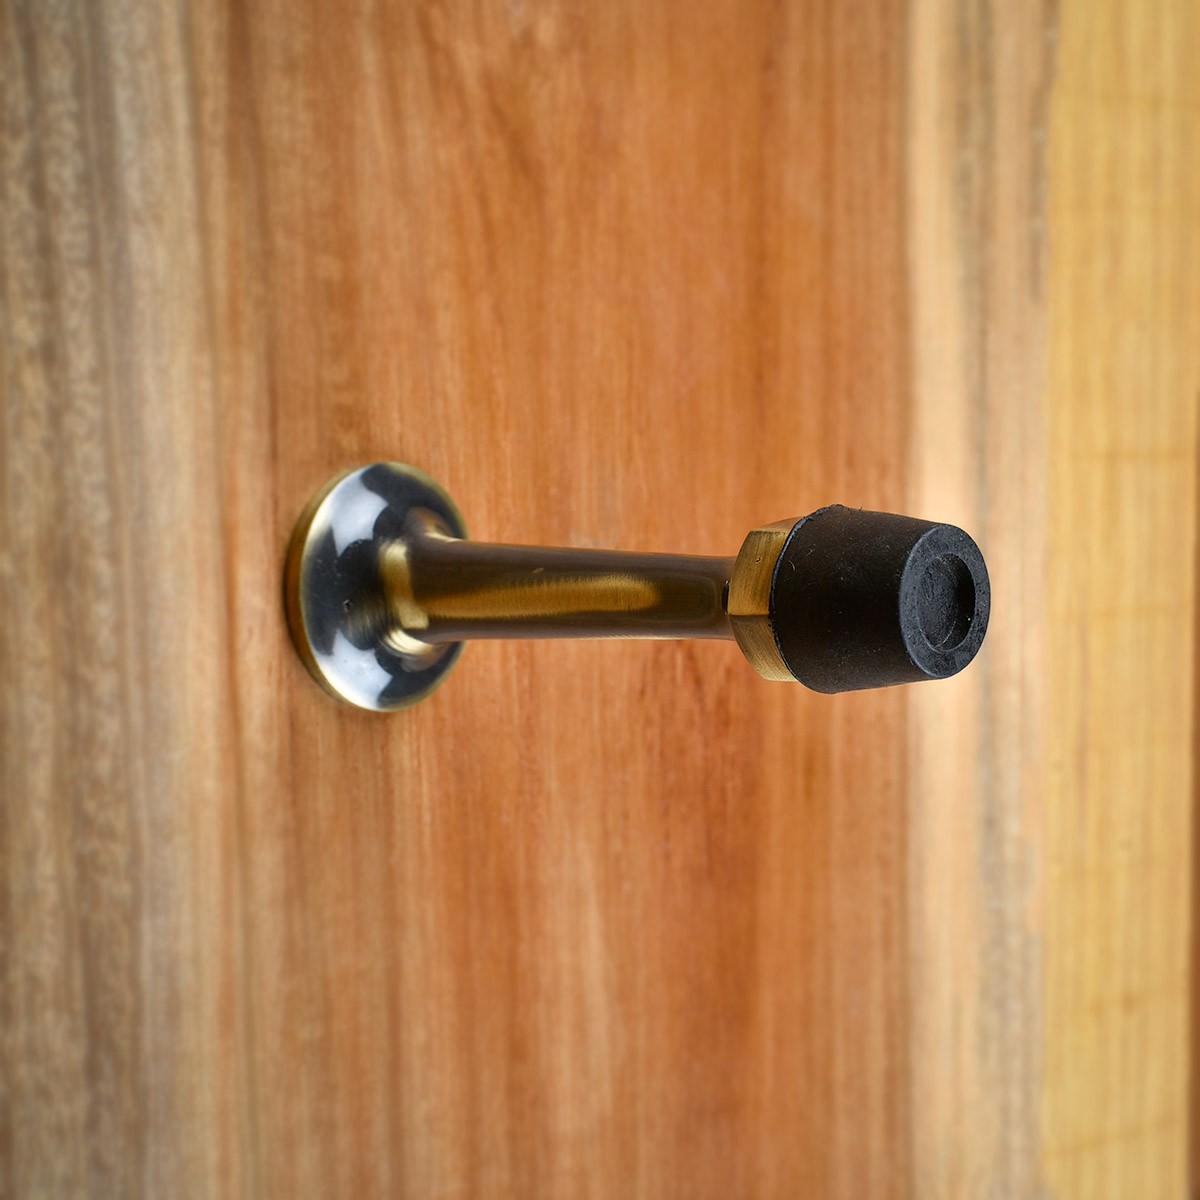 Door Stop Antique Brass Wall Mount Bumper 3 12 Proj Decorative Door Stops Wall Mounted Door Bumper Antique Brass Door Stop